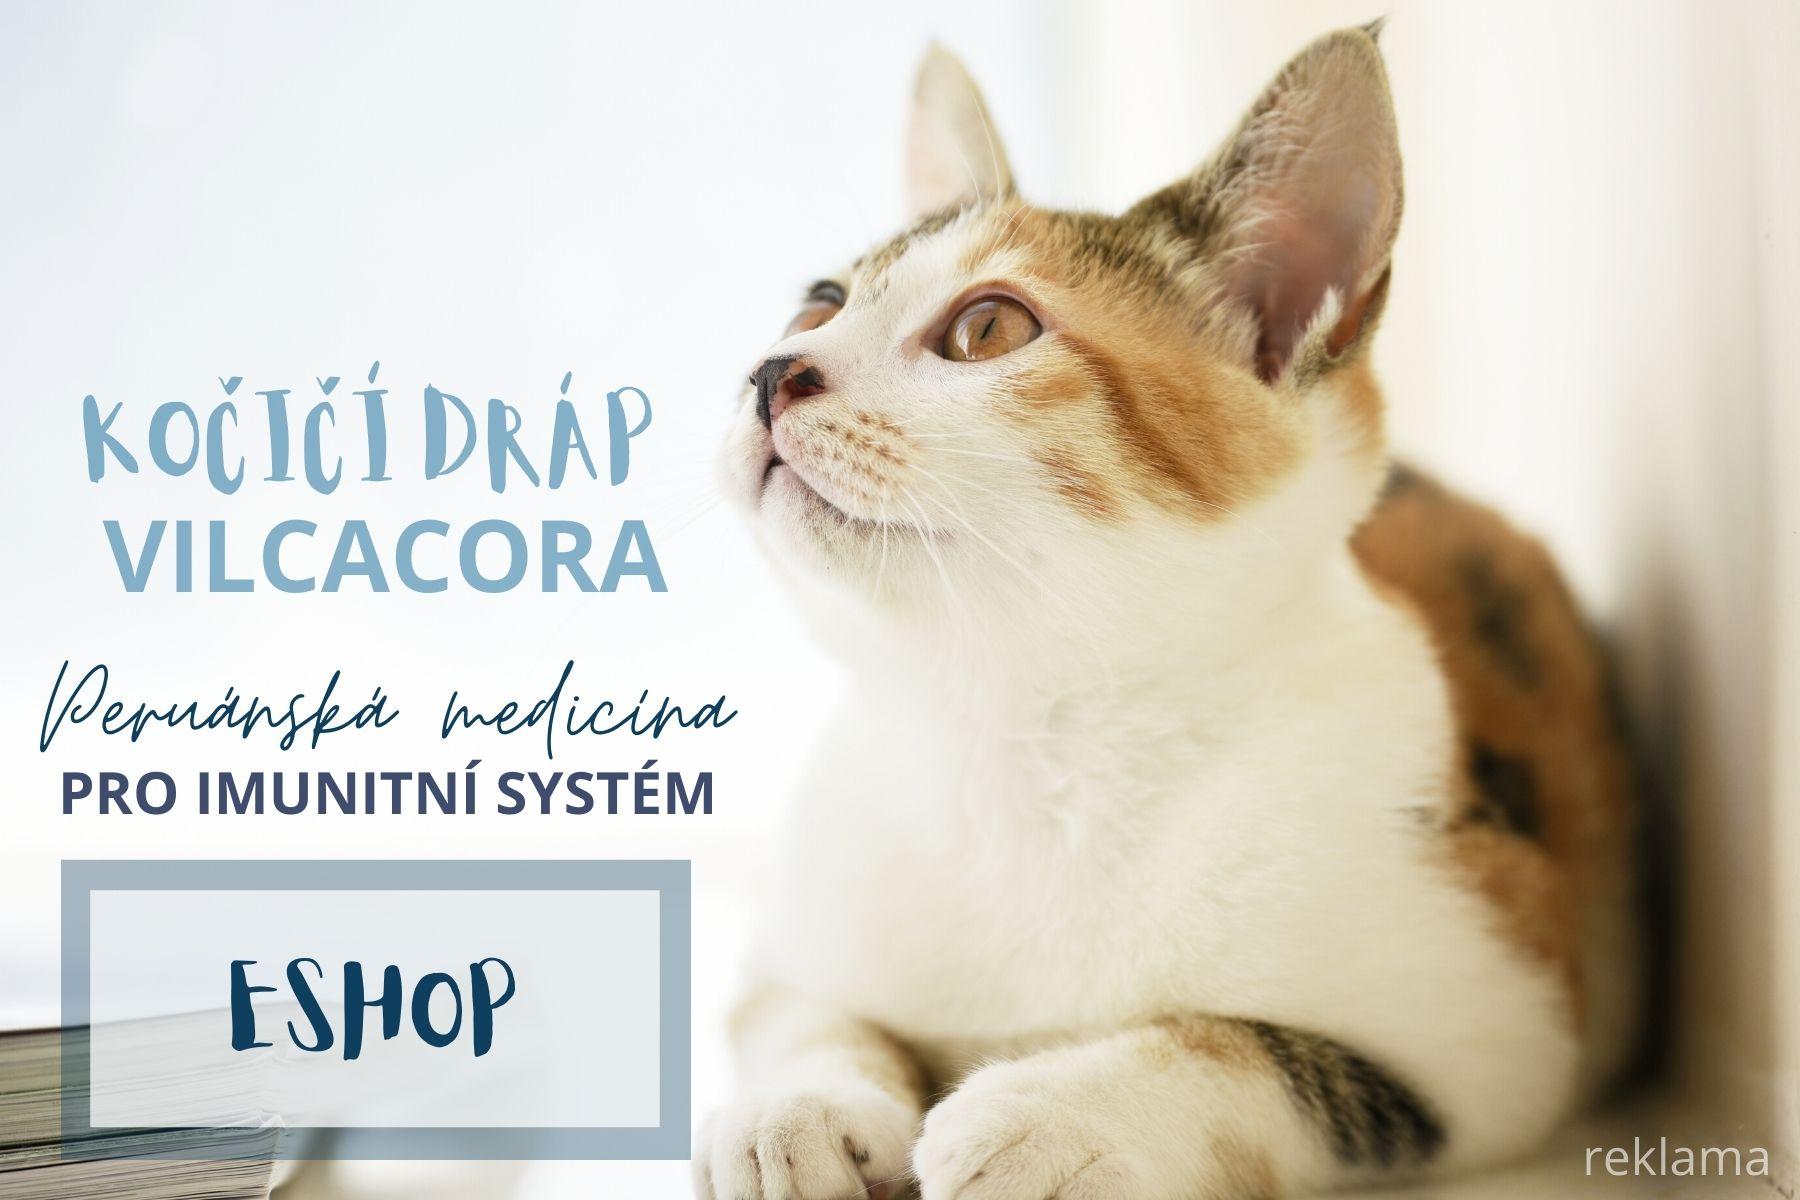 Kočičí dráp, vilcacora